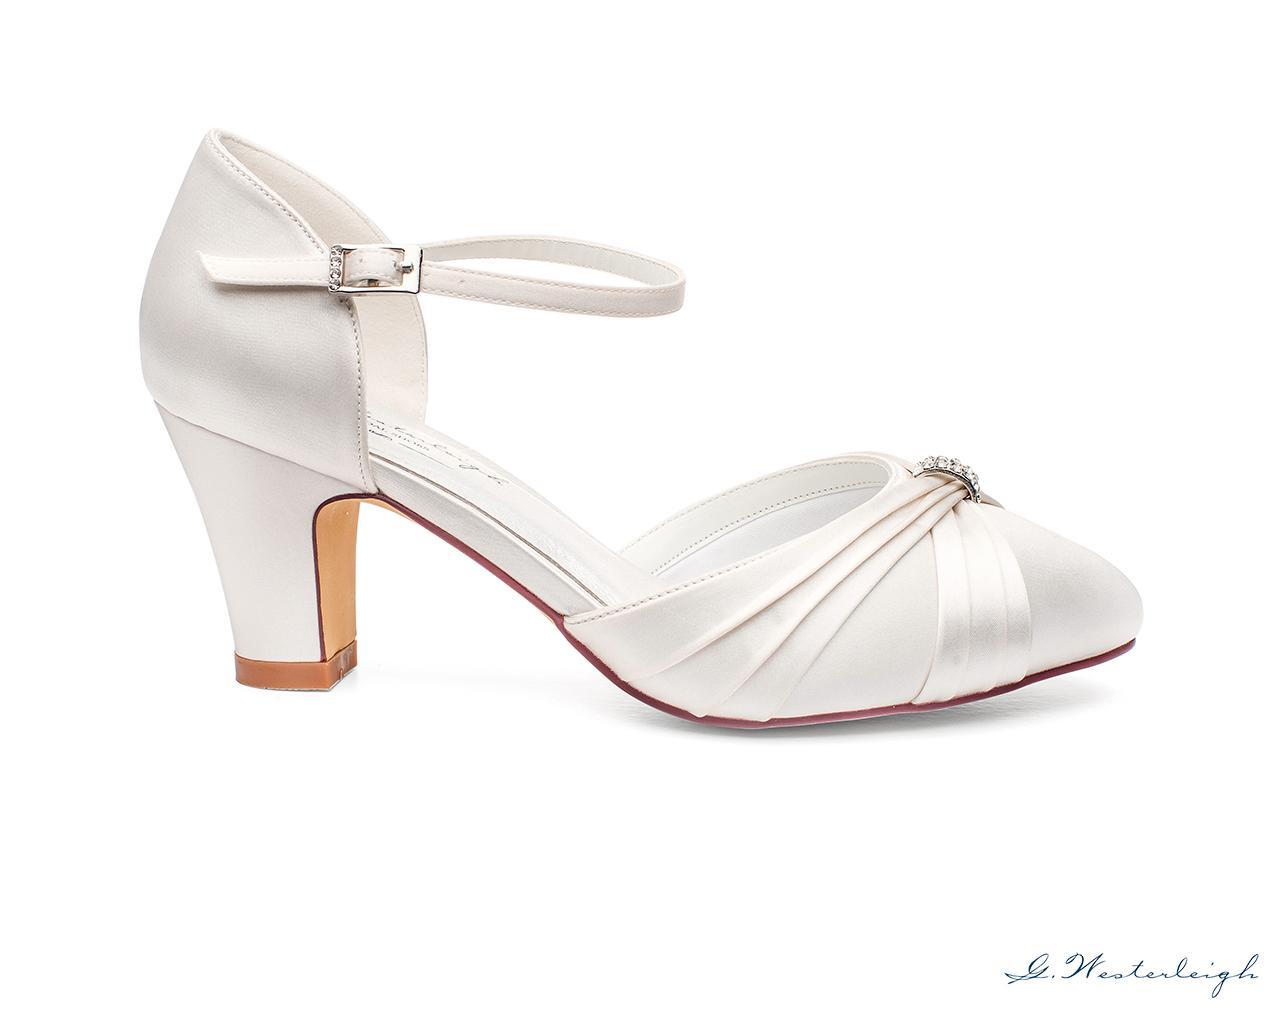 Svadobné topánky Luciana - Obrázok č. 3